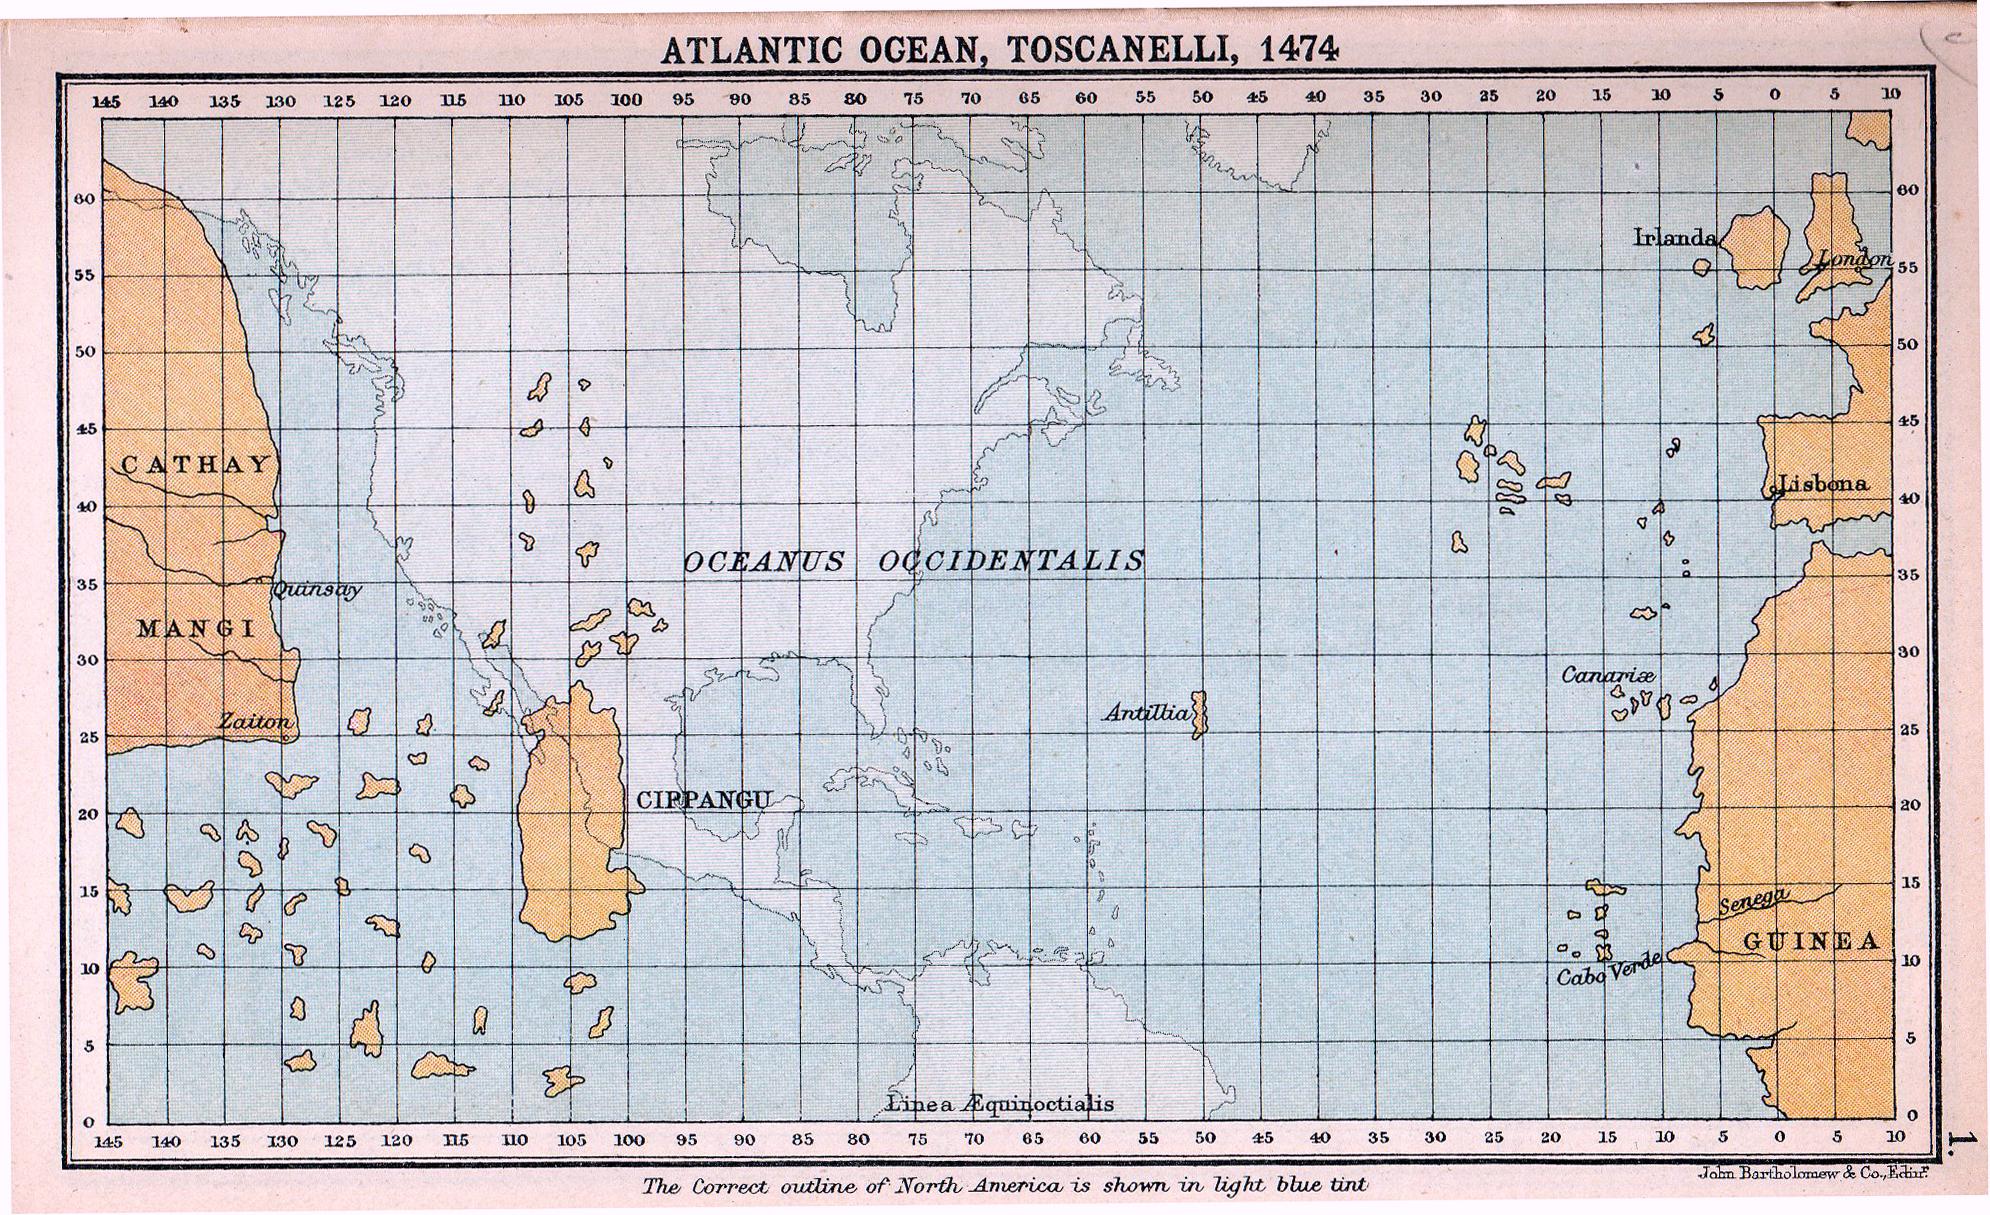 Mapa do Oceano Atlântico de acordo com Paolo dal Pozzo Toscanelli (1474) que profundamente influenciou Cristóvão Colombo, com um mapa das Américas sobreposto para comparação